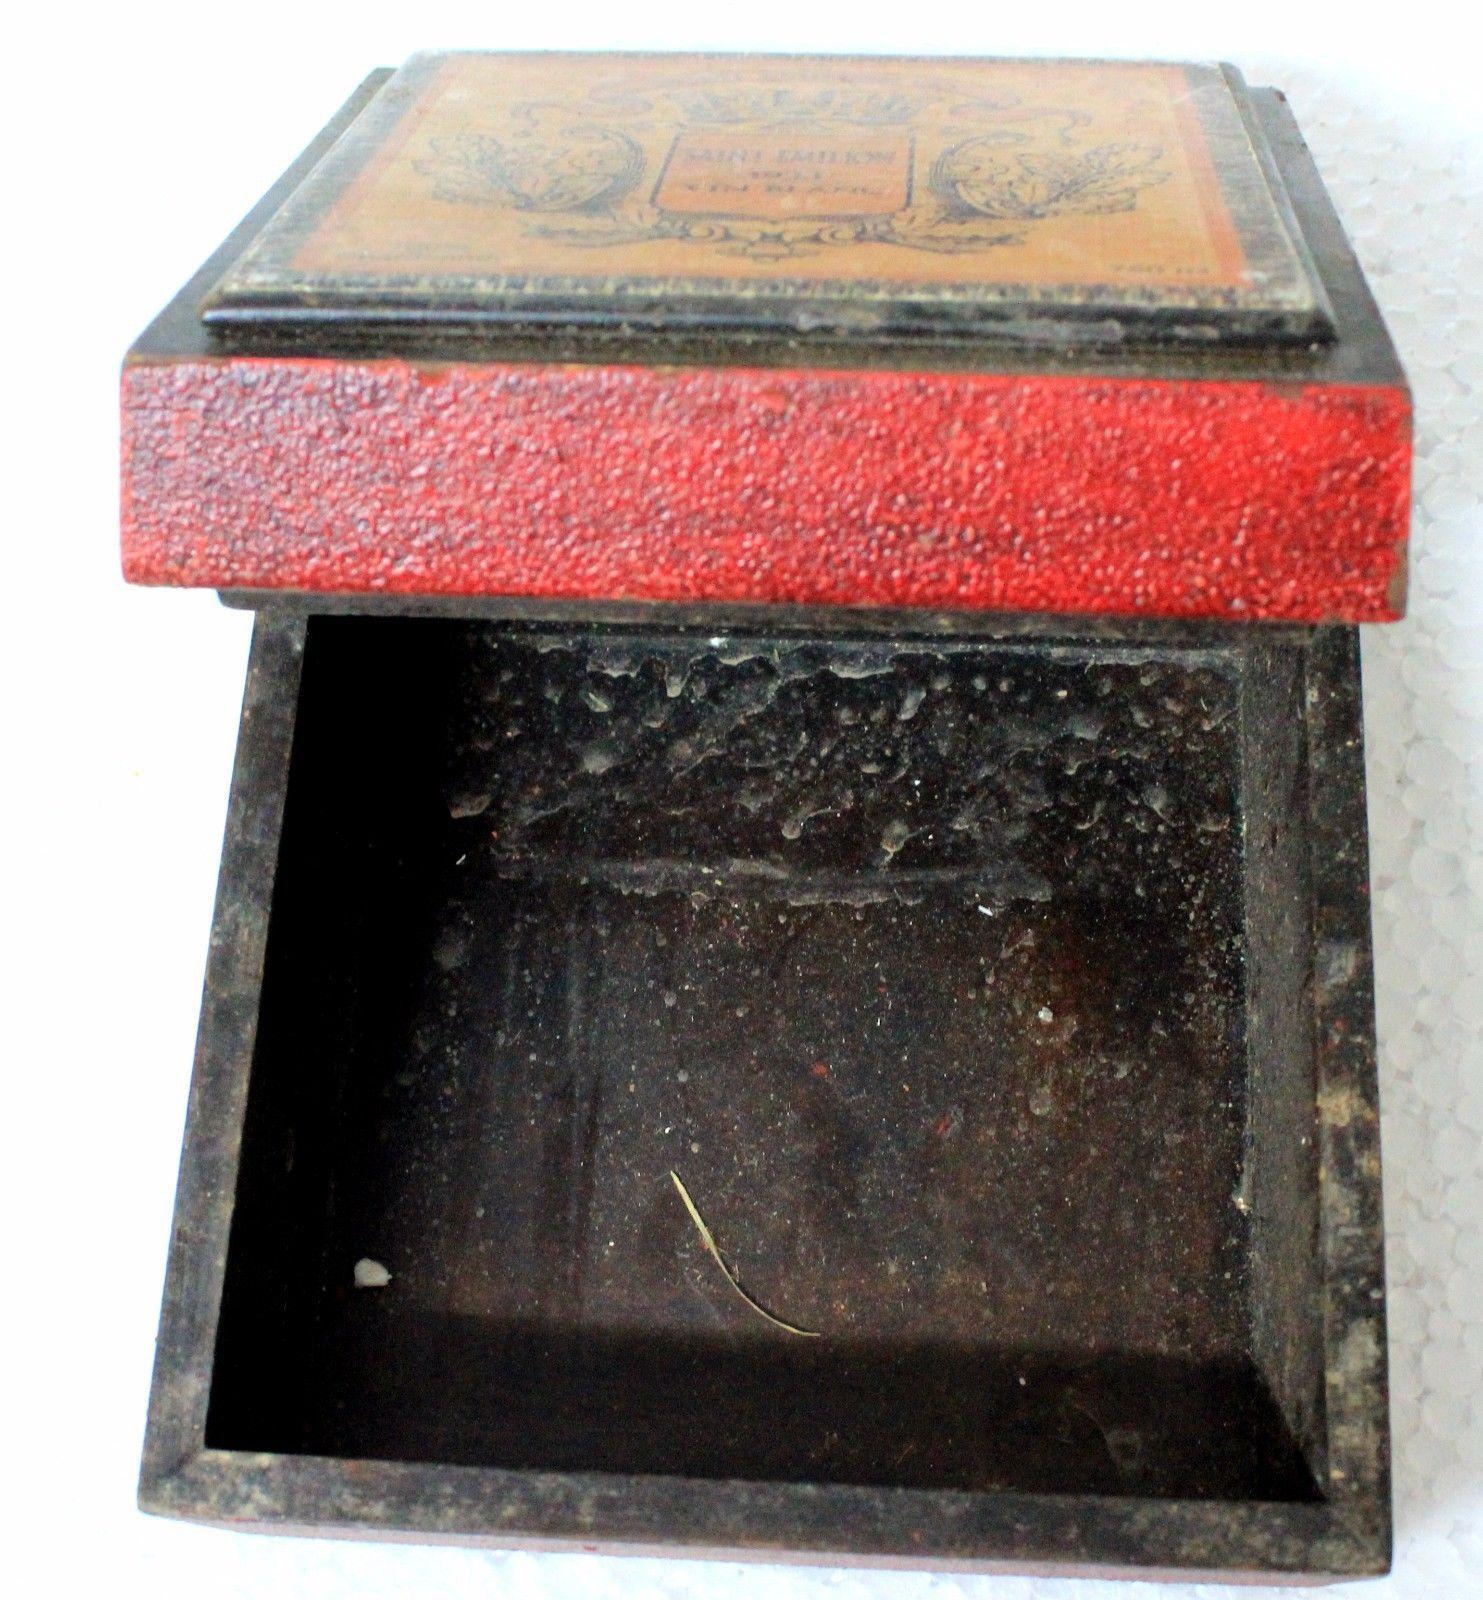 Vintage wooden box stain emilion 1933 vin blanc collectible decorative piece.